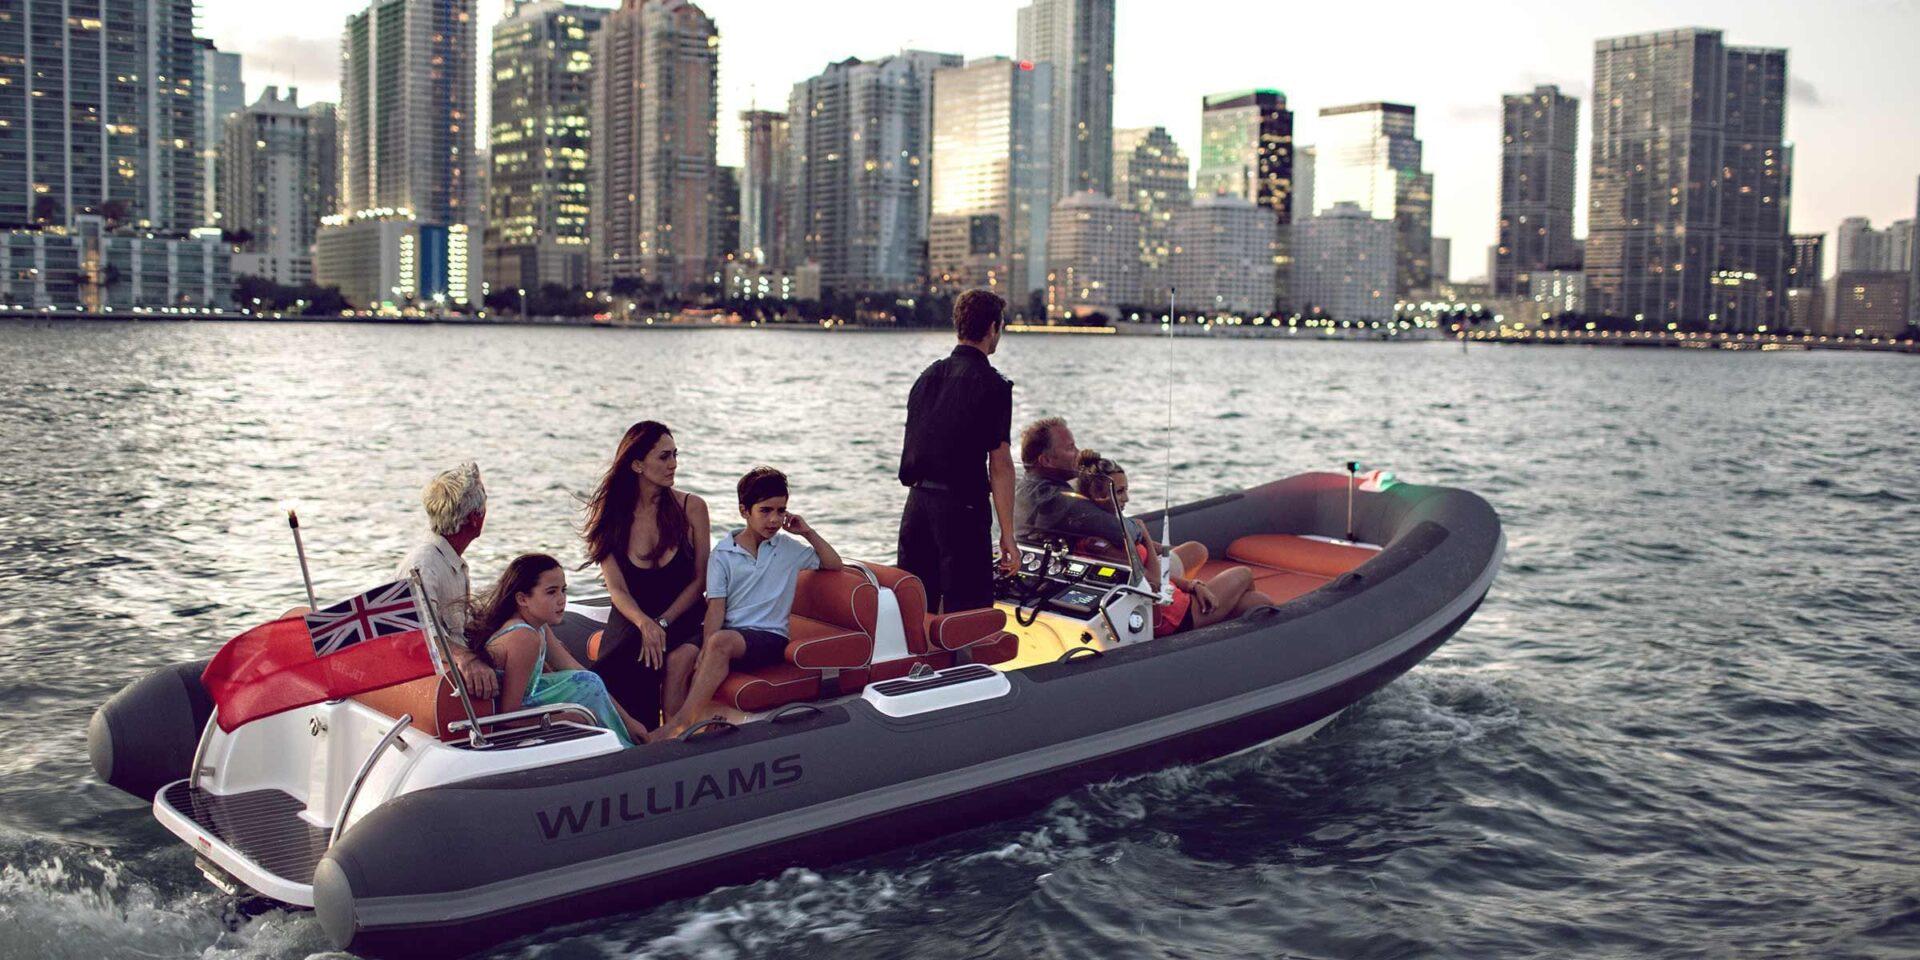 Тендер Williams на борту роскошной чартерной мега яхты